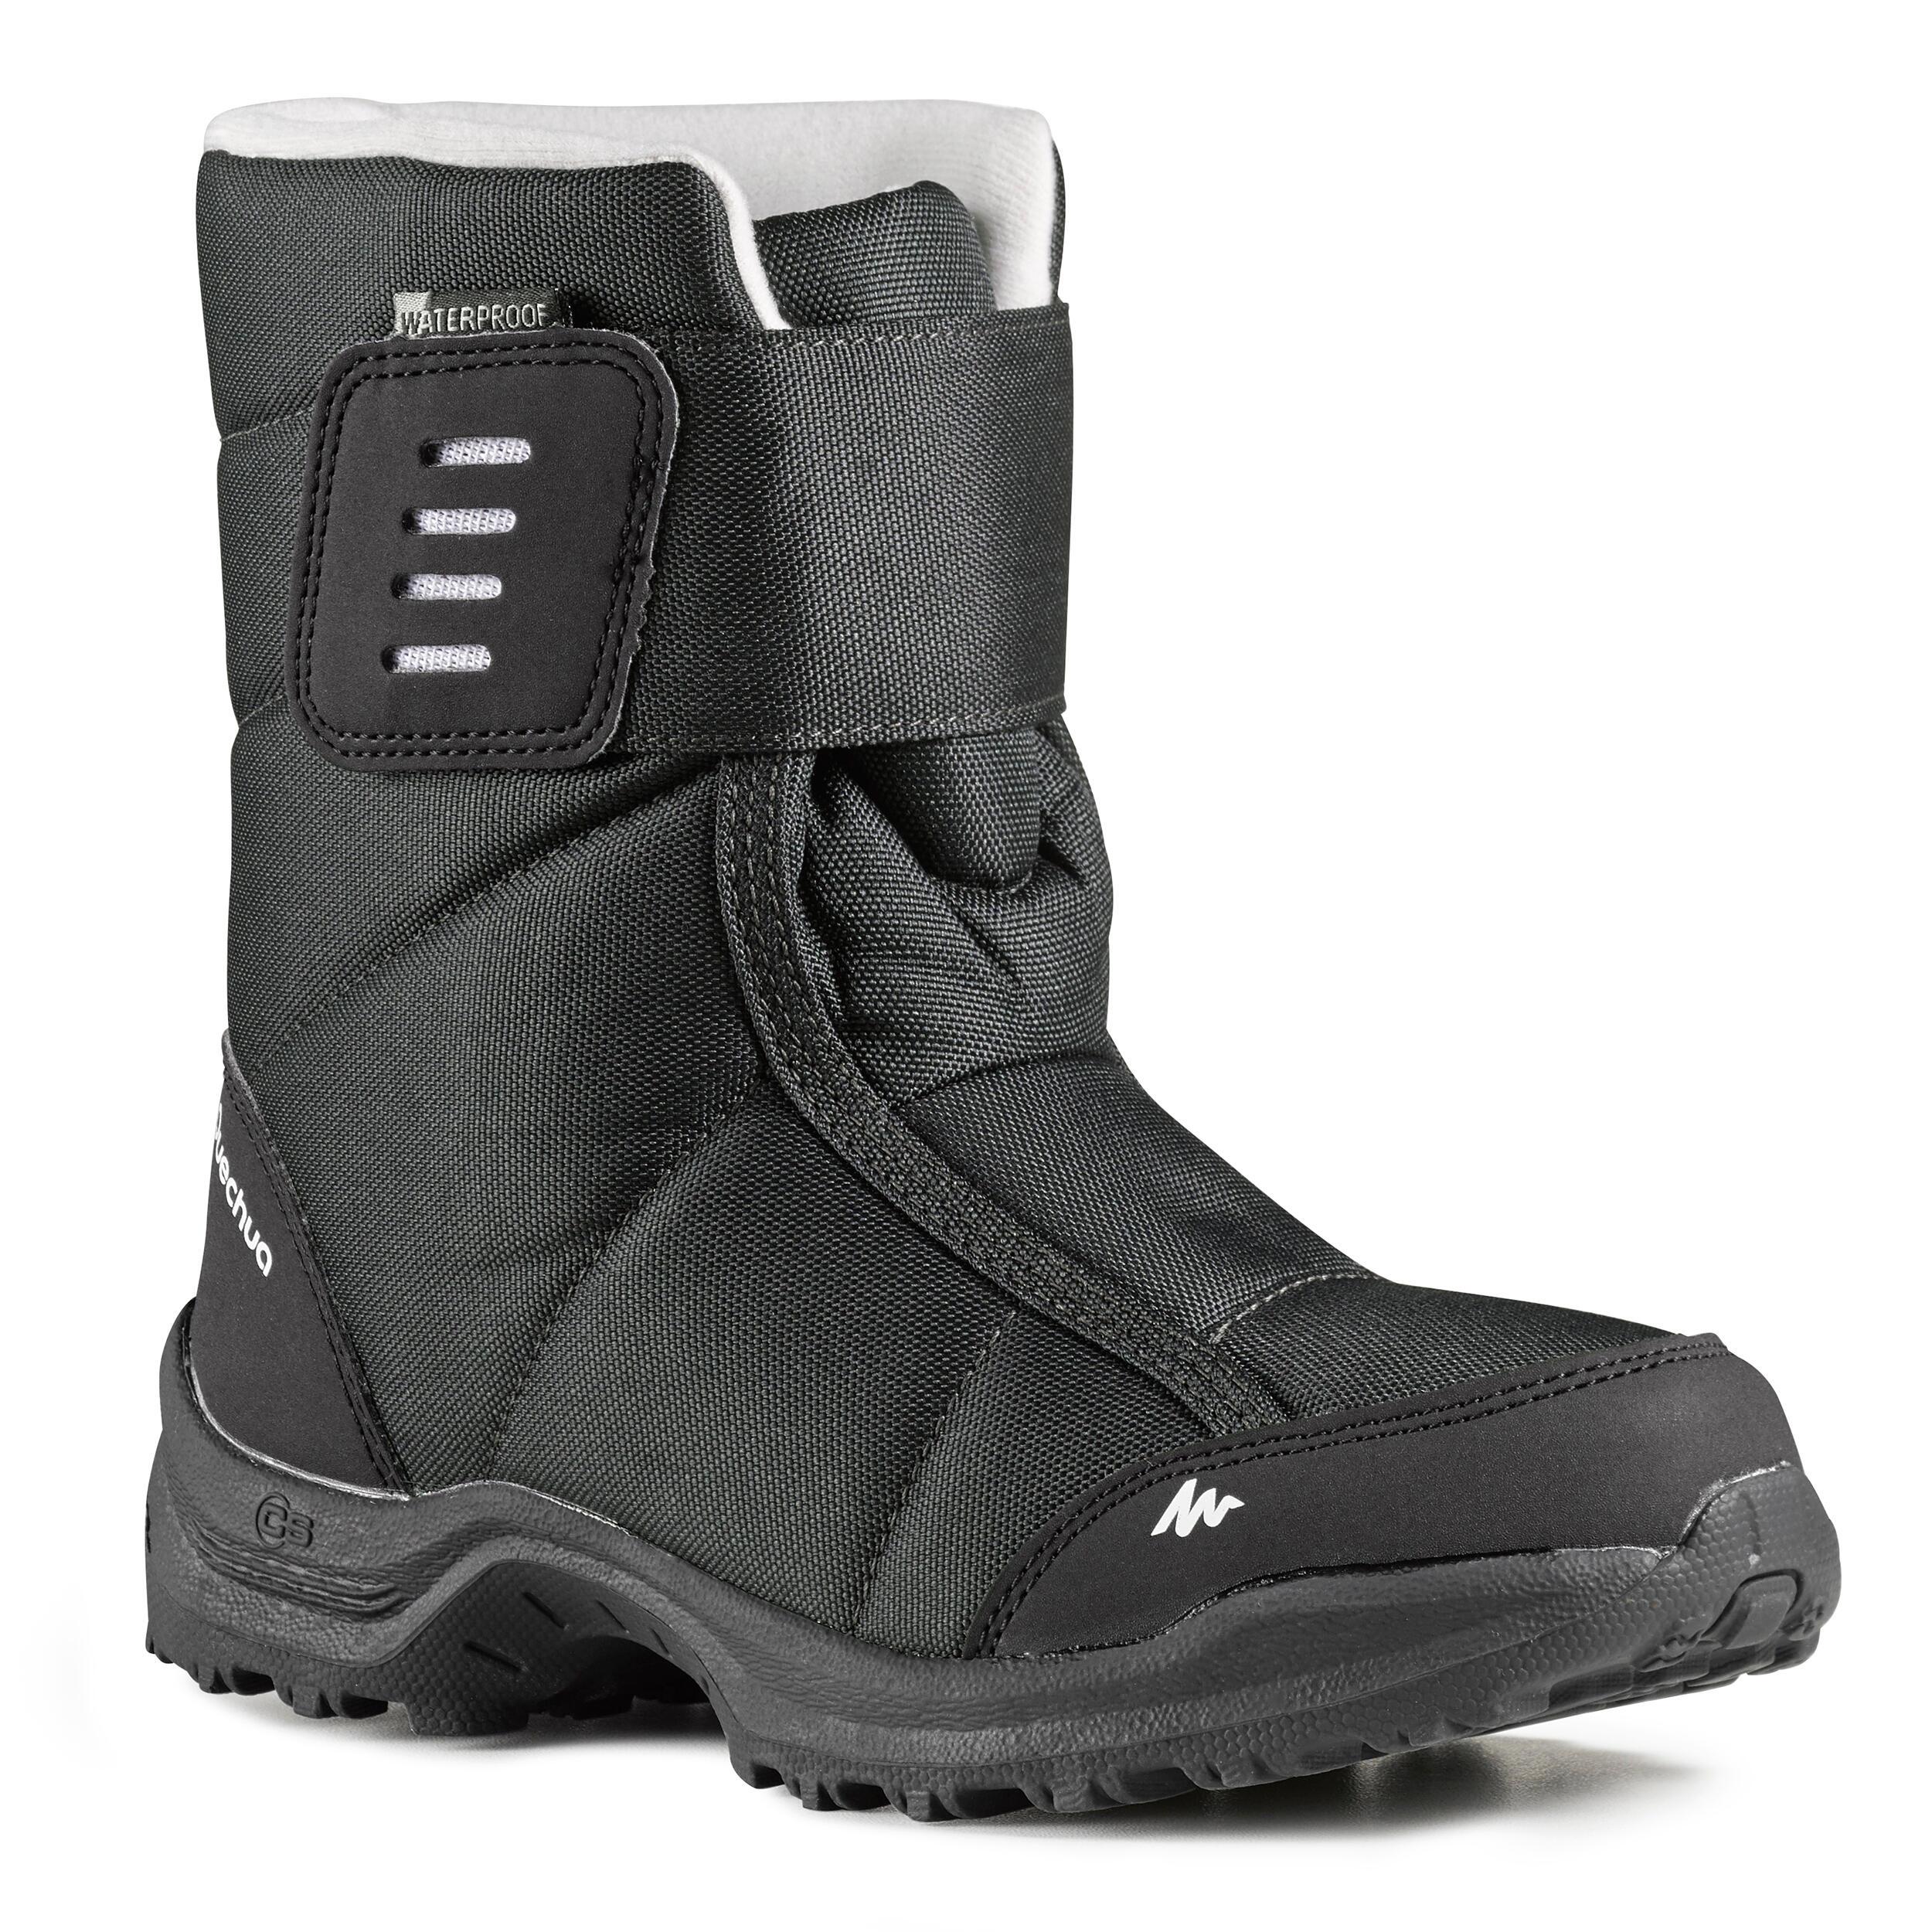 calidad asombrosa genuino mejor calificado gama completa de artículos Botas Apreski Montaña Nieve talla 24 a 38 SH100 X-Warm Niños Negro